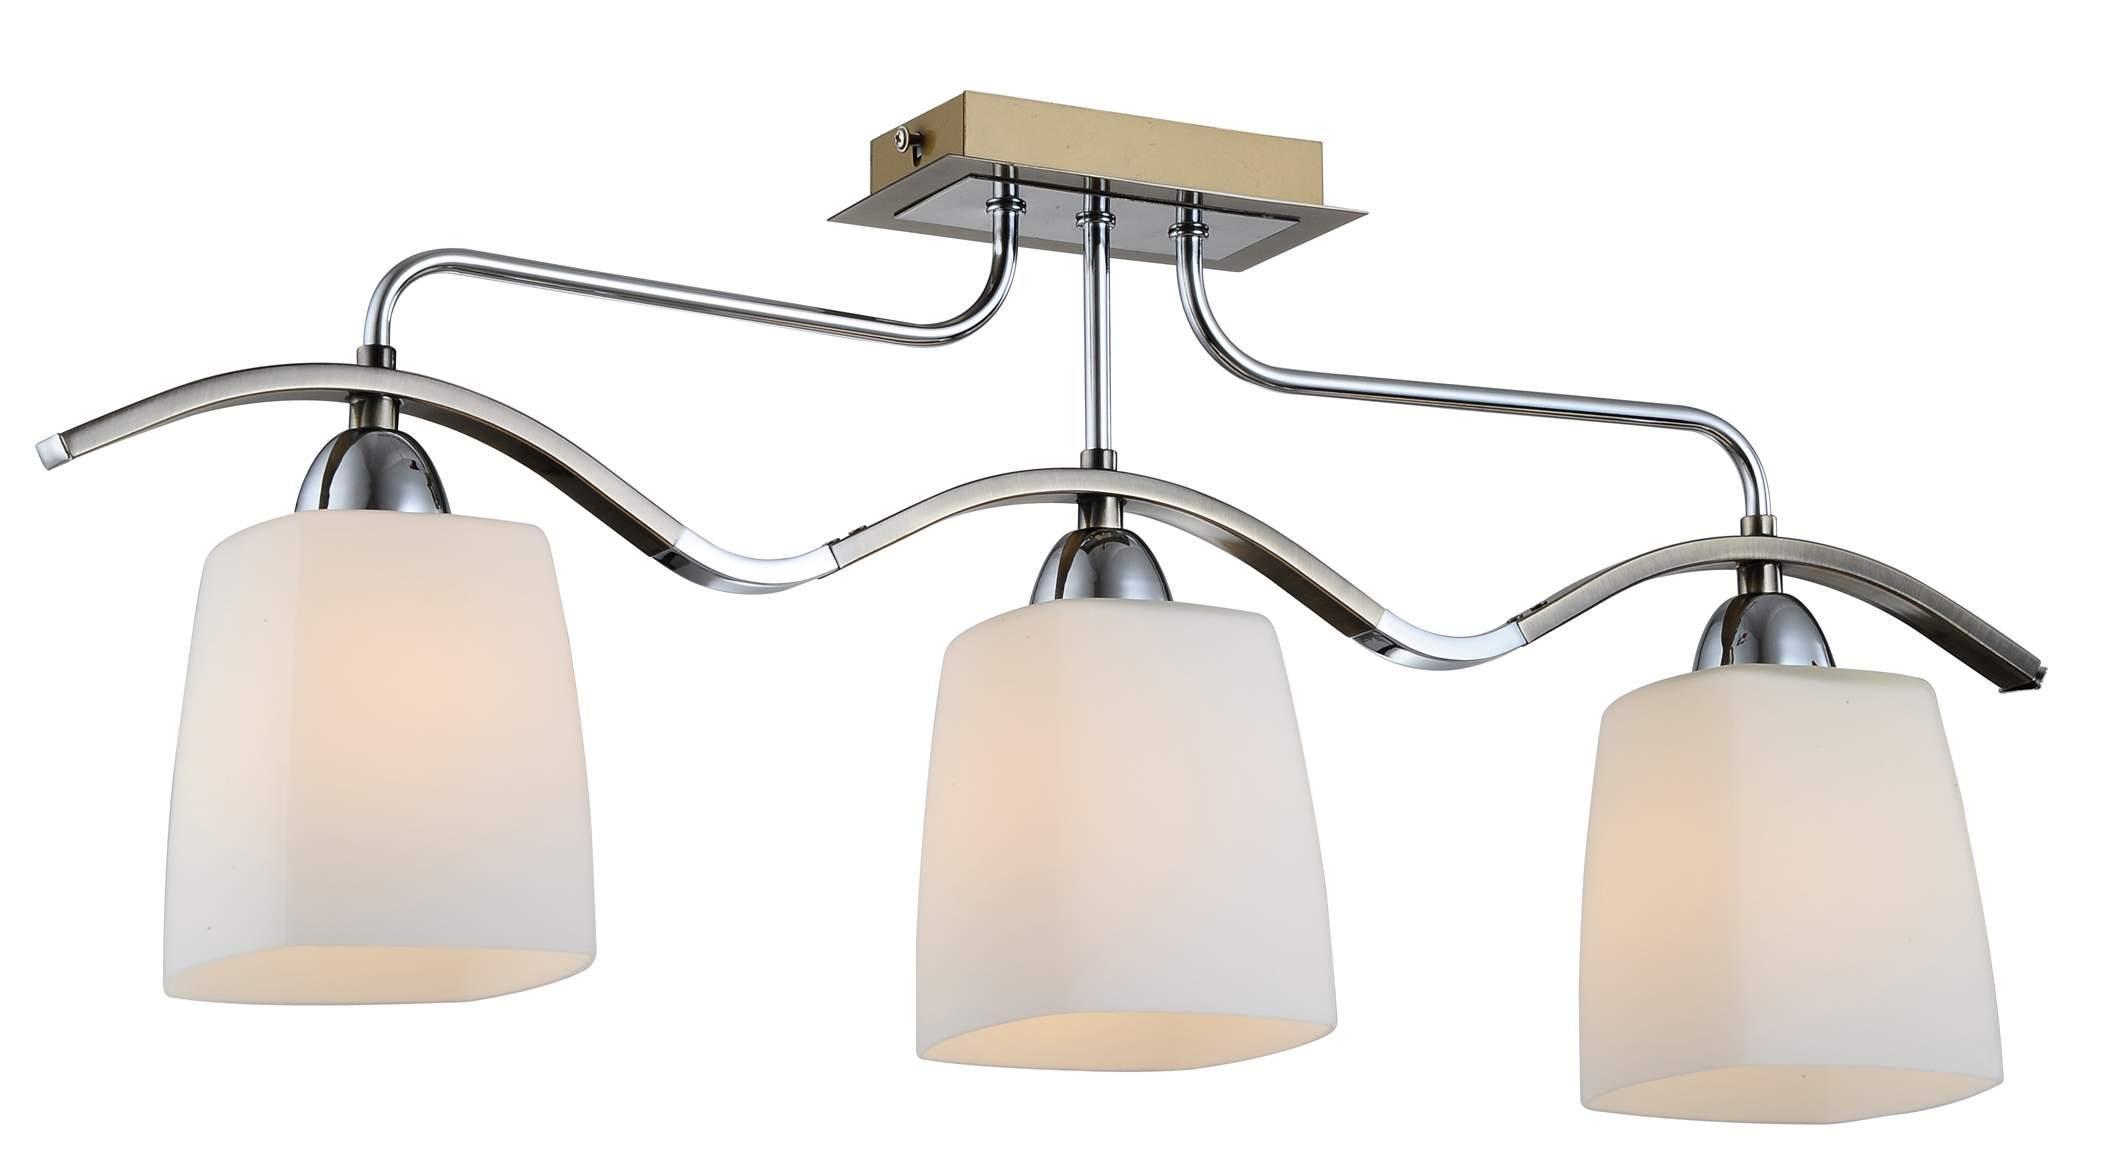 Люстра CitiluxЛюстры<br>Назначение светильника: для комнаты,<br>Стиль светильника: модерн,<br>Тип: потолочная,<br>Материал светильника: металл, стекло,<br>Материал плафона: стекло,<br>Материал арматуры: металл,<br>Длина (мм): 650,<br>Ширина: 110,<br>Высота: 260,<br>Количество ламп: 3,<br>Тип лампы: накаливания,<br>Мощность: 60,<br>Патрон: Е14,<br>Цвет арматуры: бронза<br>